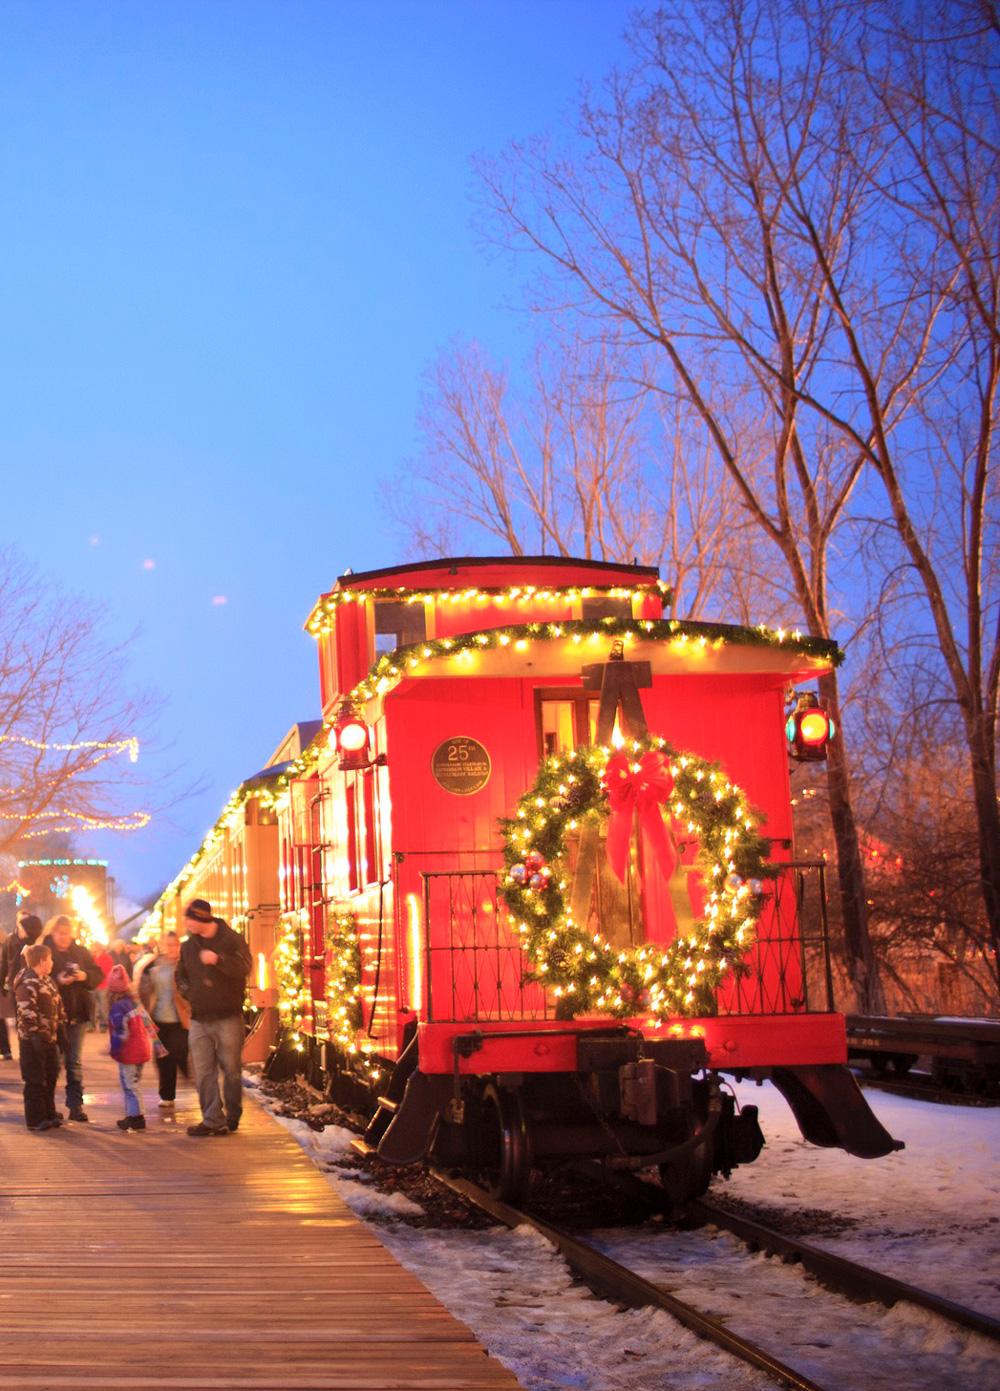 Christmas at Crossroads Holiday Magic, Flint